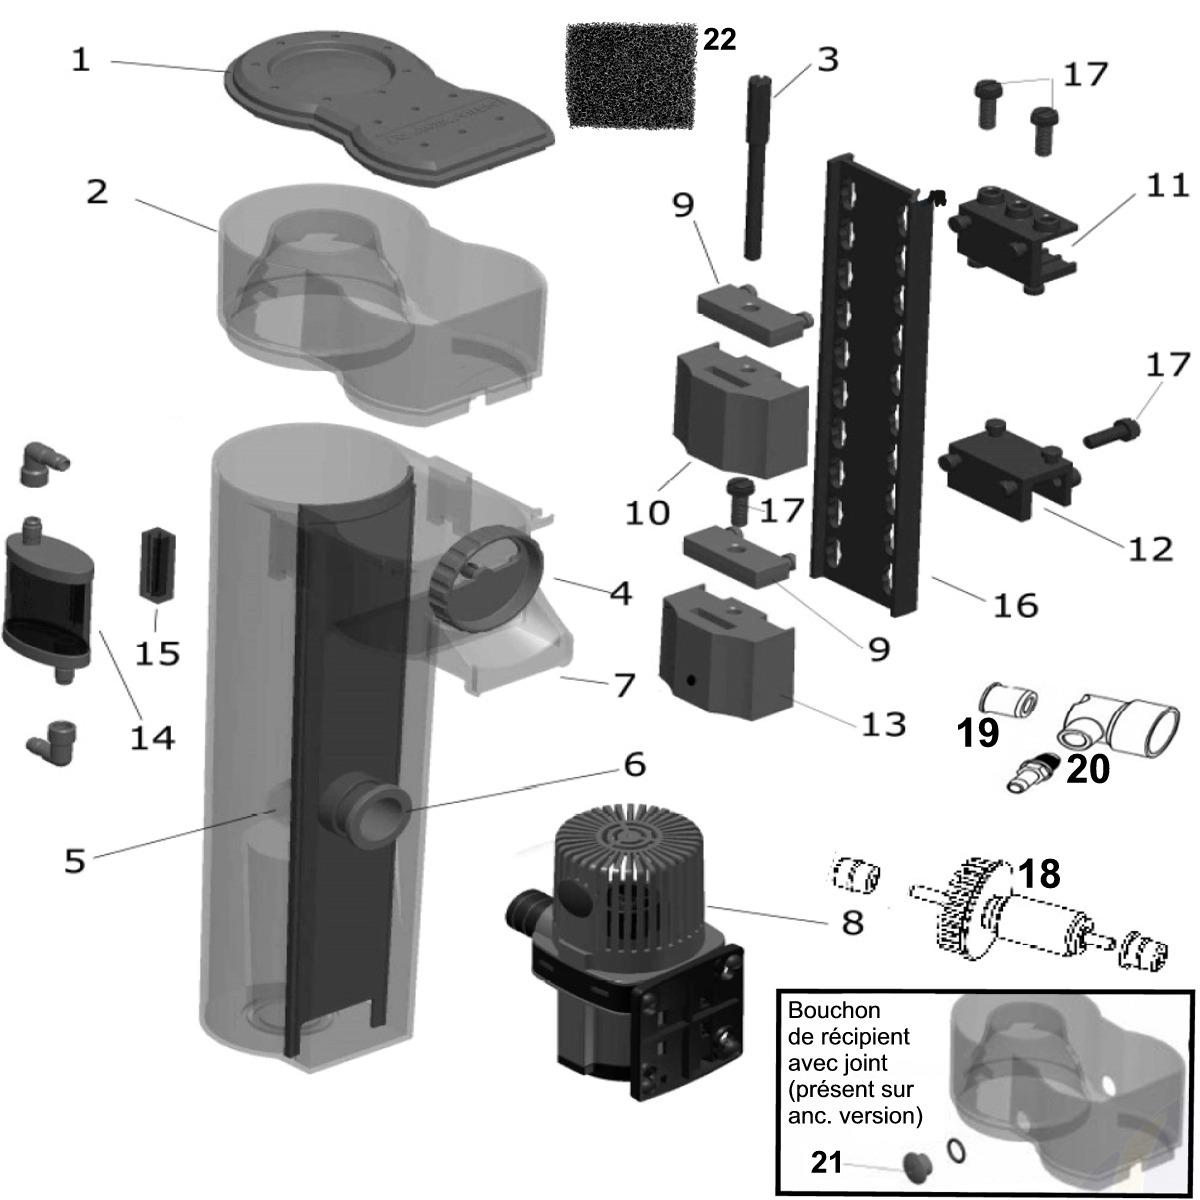 Pièces détachées pour écumeur AQUA MEDIC EVO 500 - 10 Références disponibles